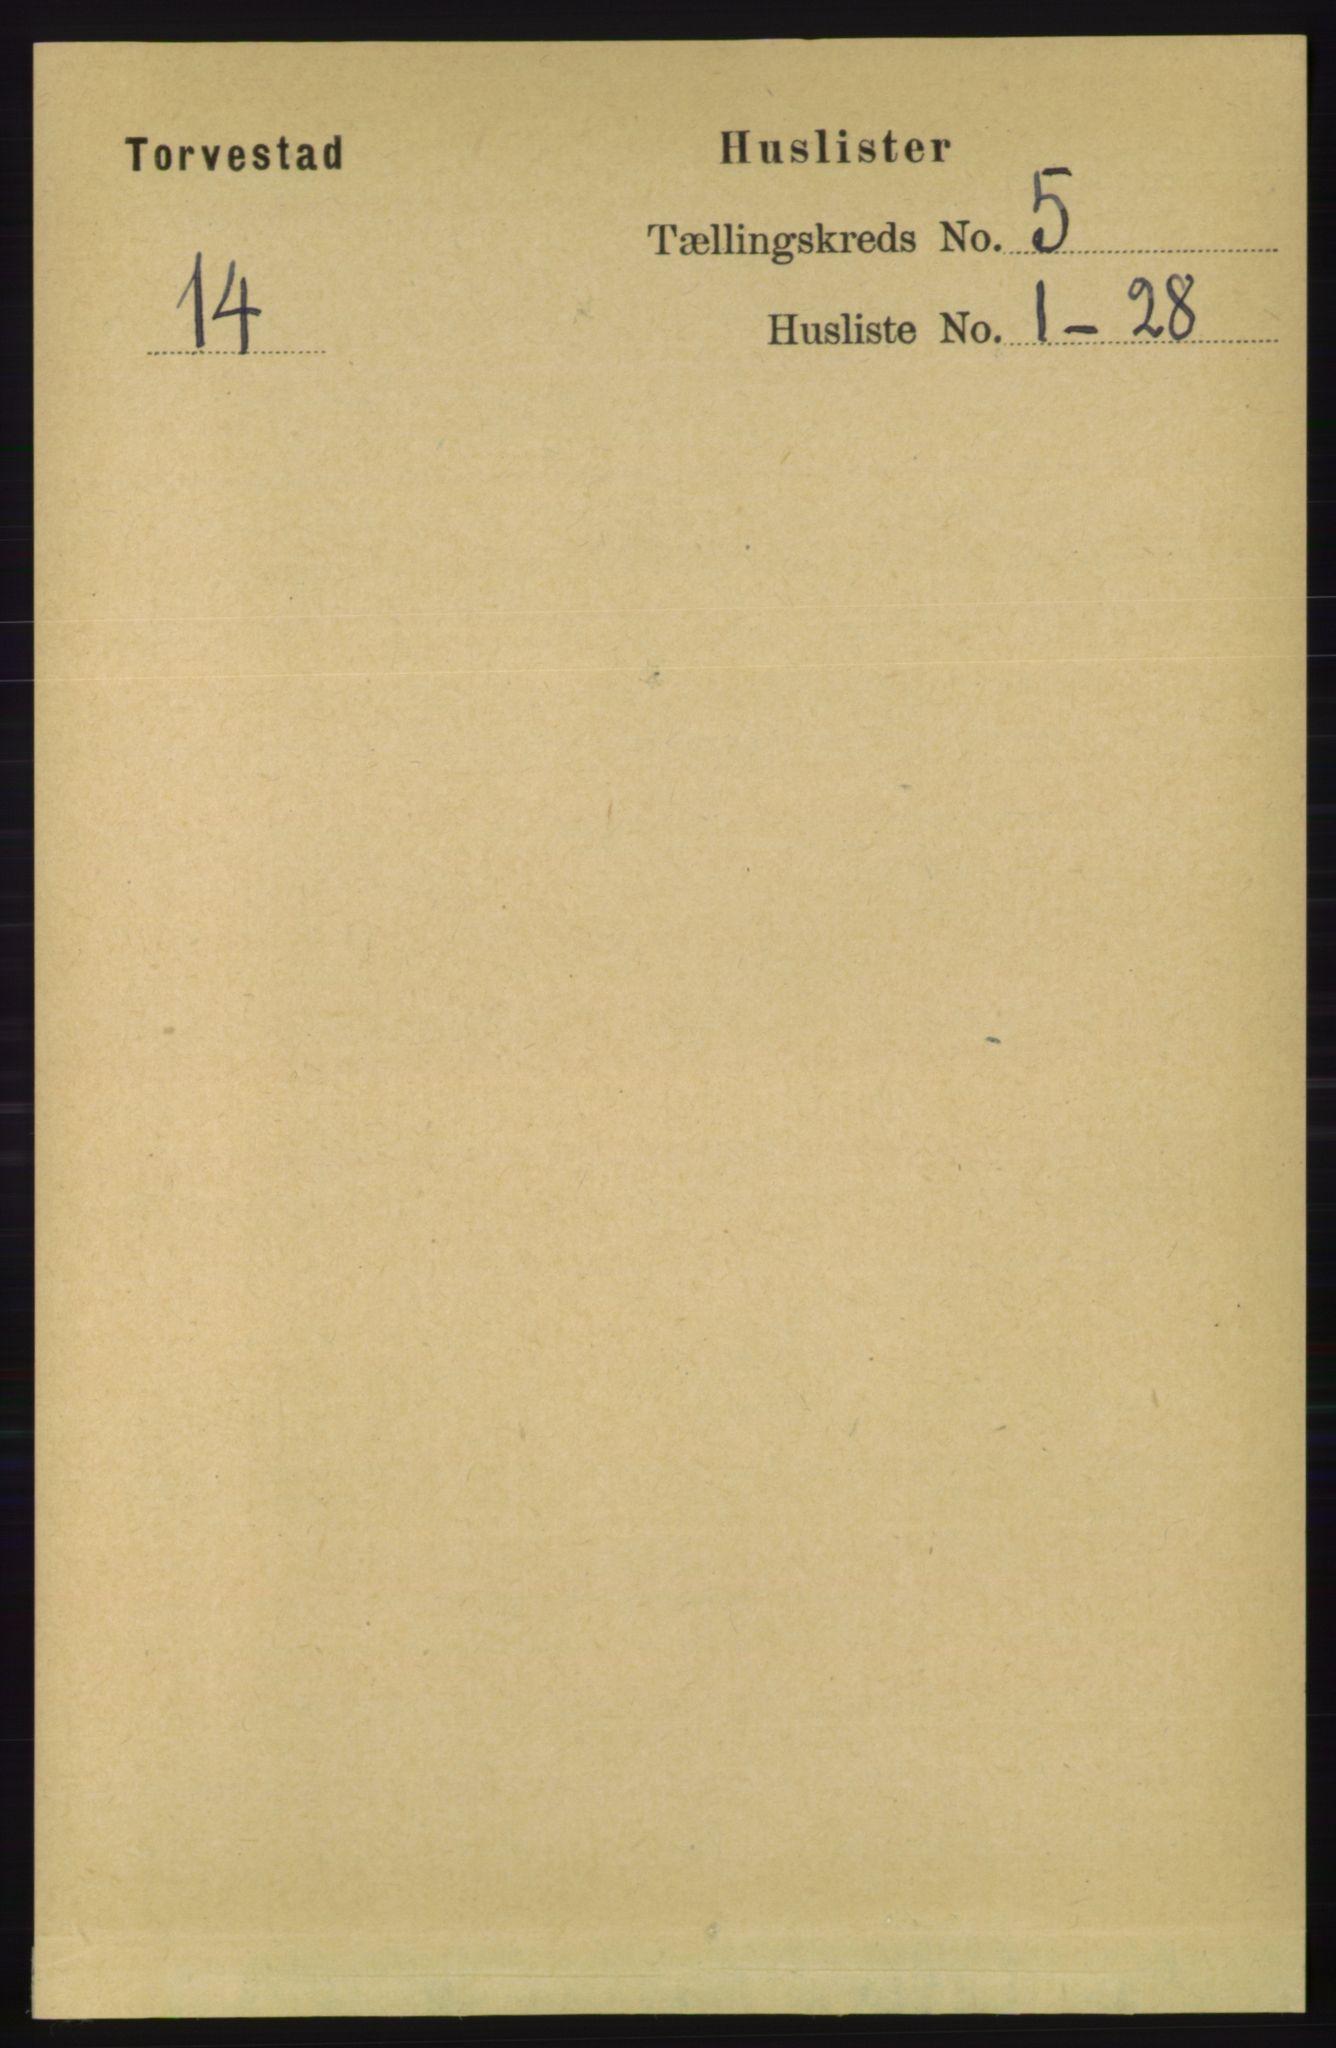 RA, Folketelling 1891 for 1152 Torvastad herred, 1891, s. 1725